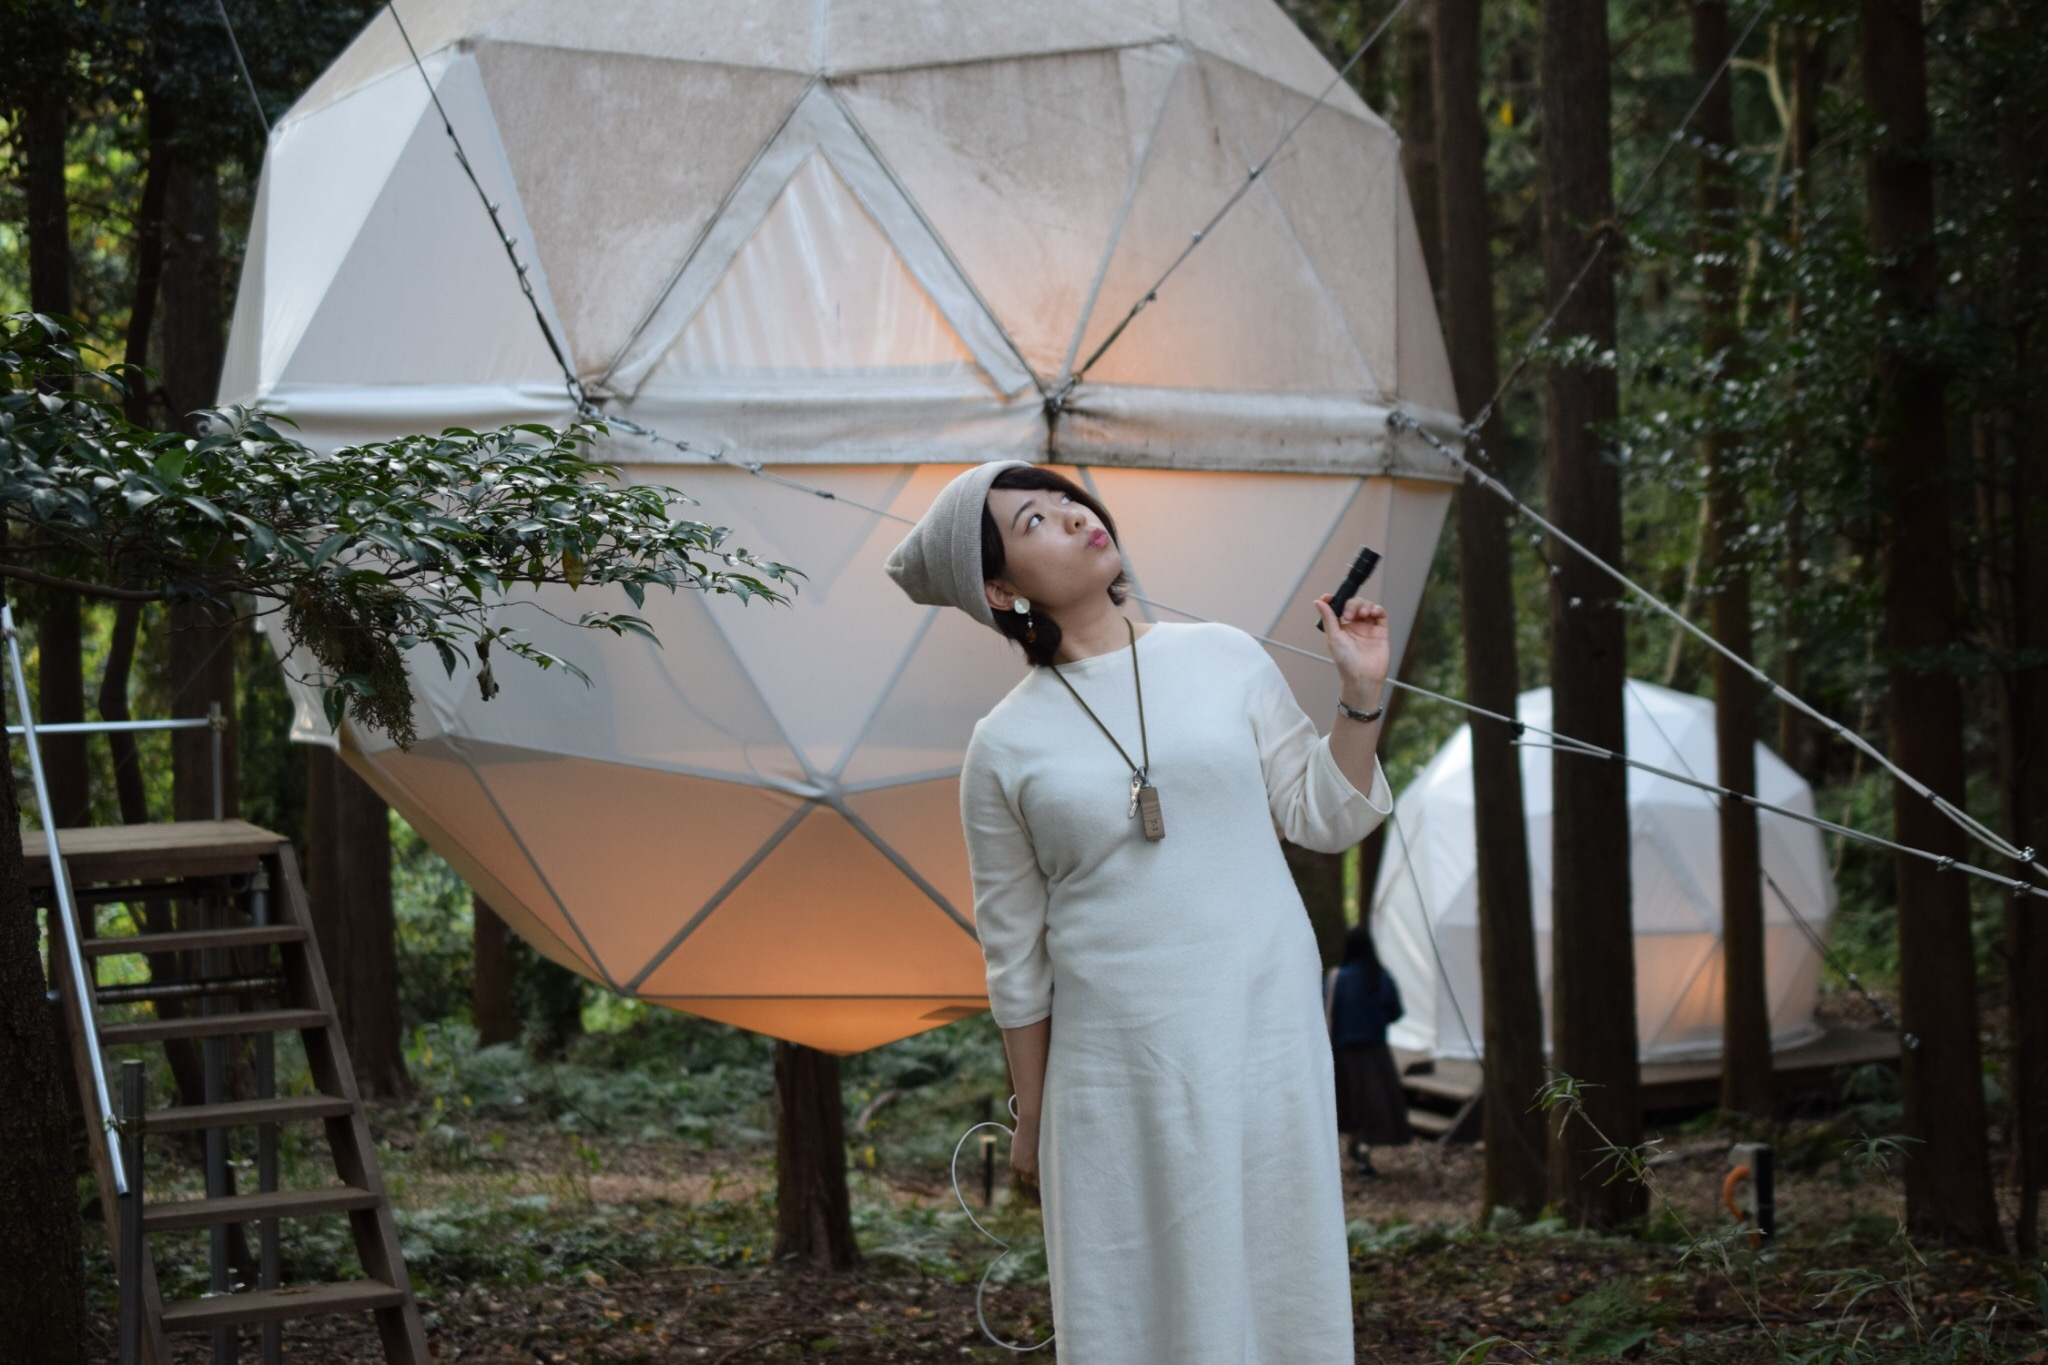 【女子旅におすすめ】森に浮かぶテントに泊まれちゃう♡《INN THE PARK》@沼津_7